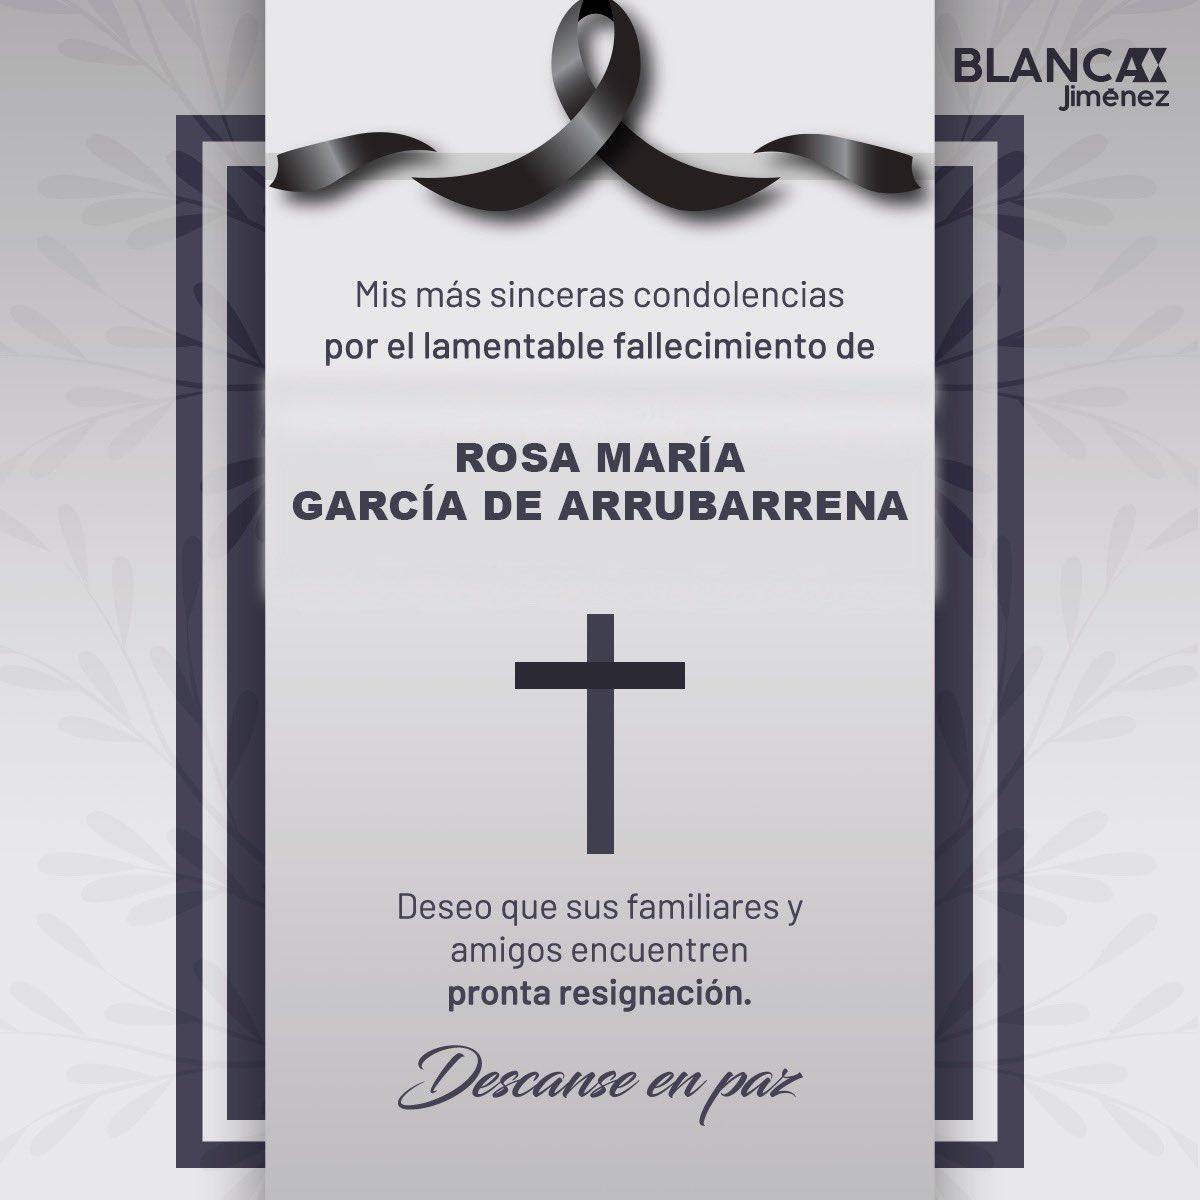 Mi más sentido pésame @Lupitaarruba y familiares por la sensible pérdida de la Sra. Rosa María. Con respeto y cariño, les envío un fuerte abrazo. #QEPD 🙏🏼